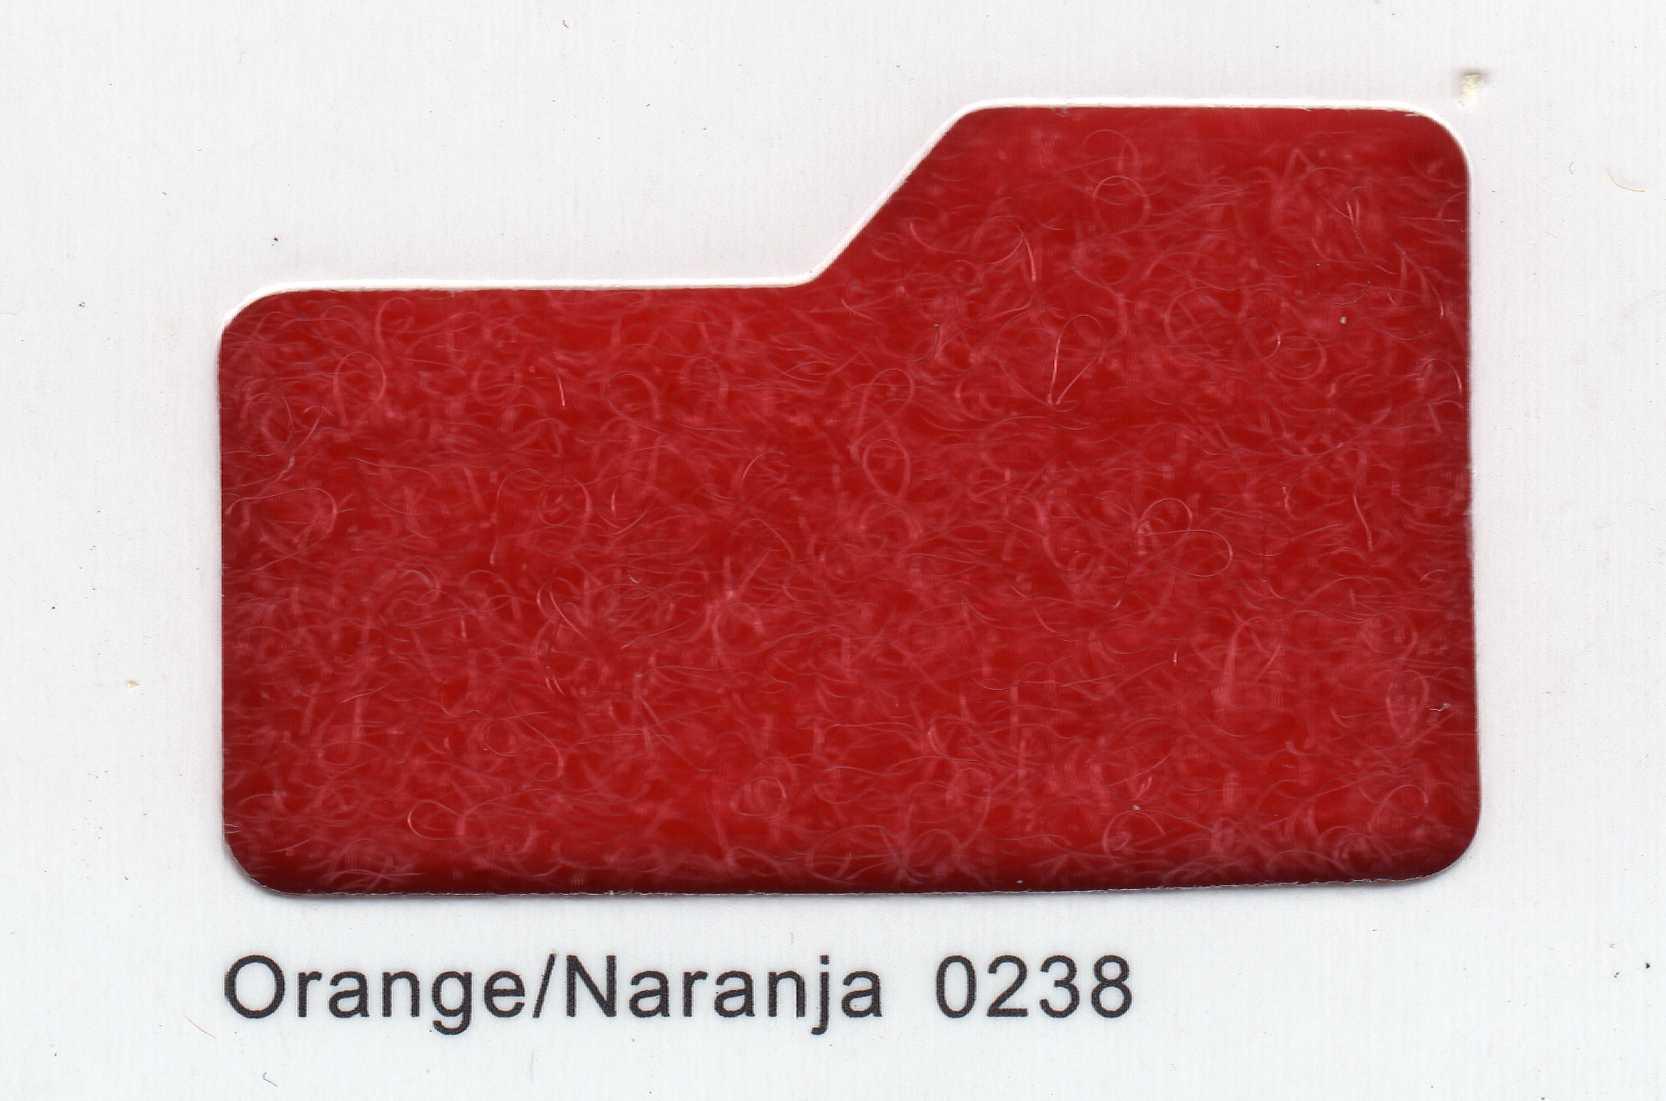 Cinta de cierre Velcro-Veraco 25mm Naranja 0238 (Gancho).